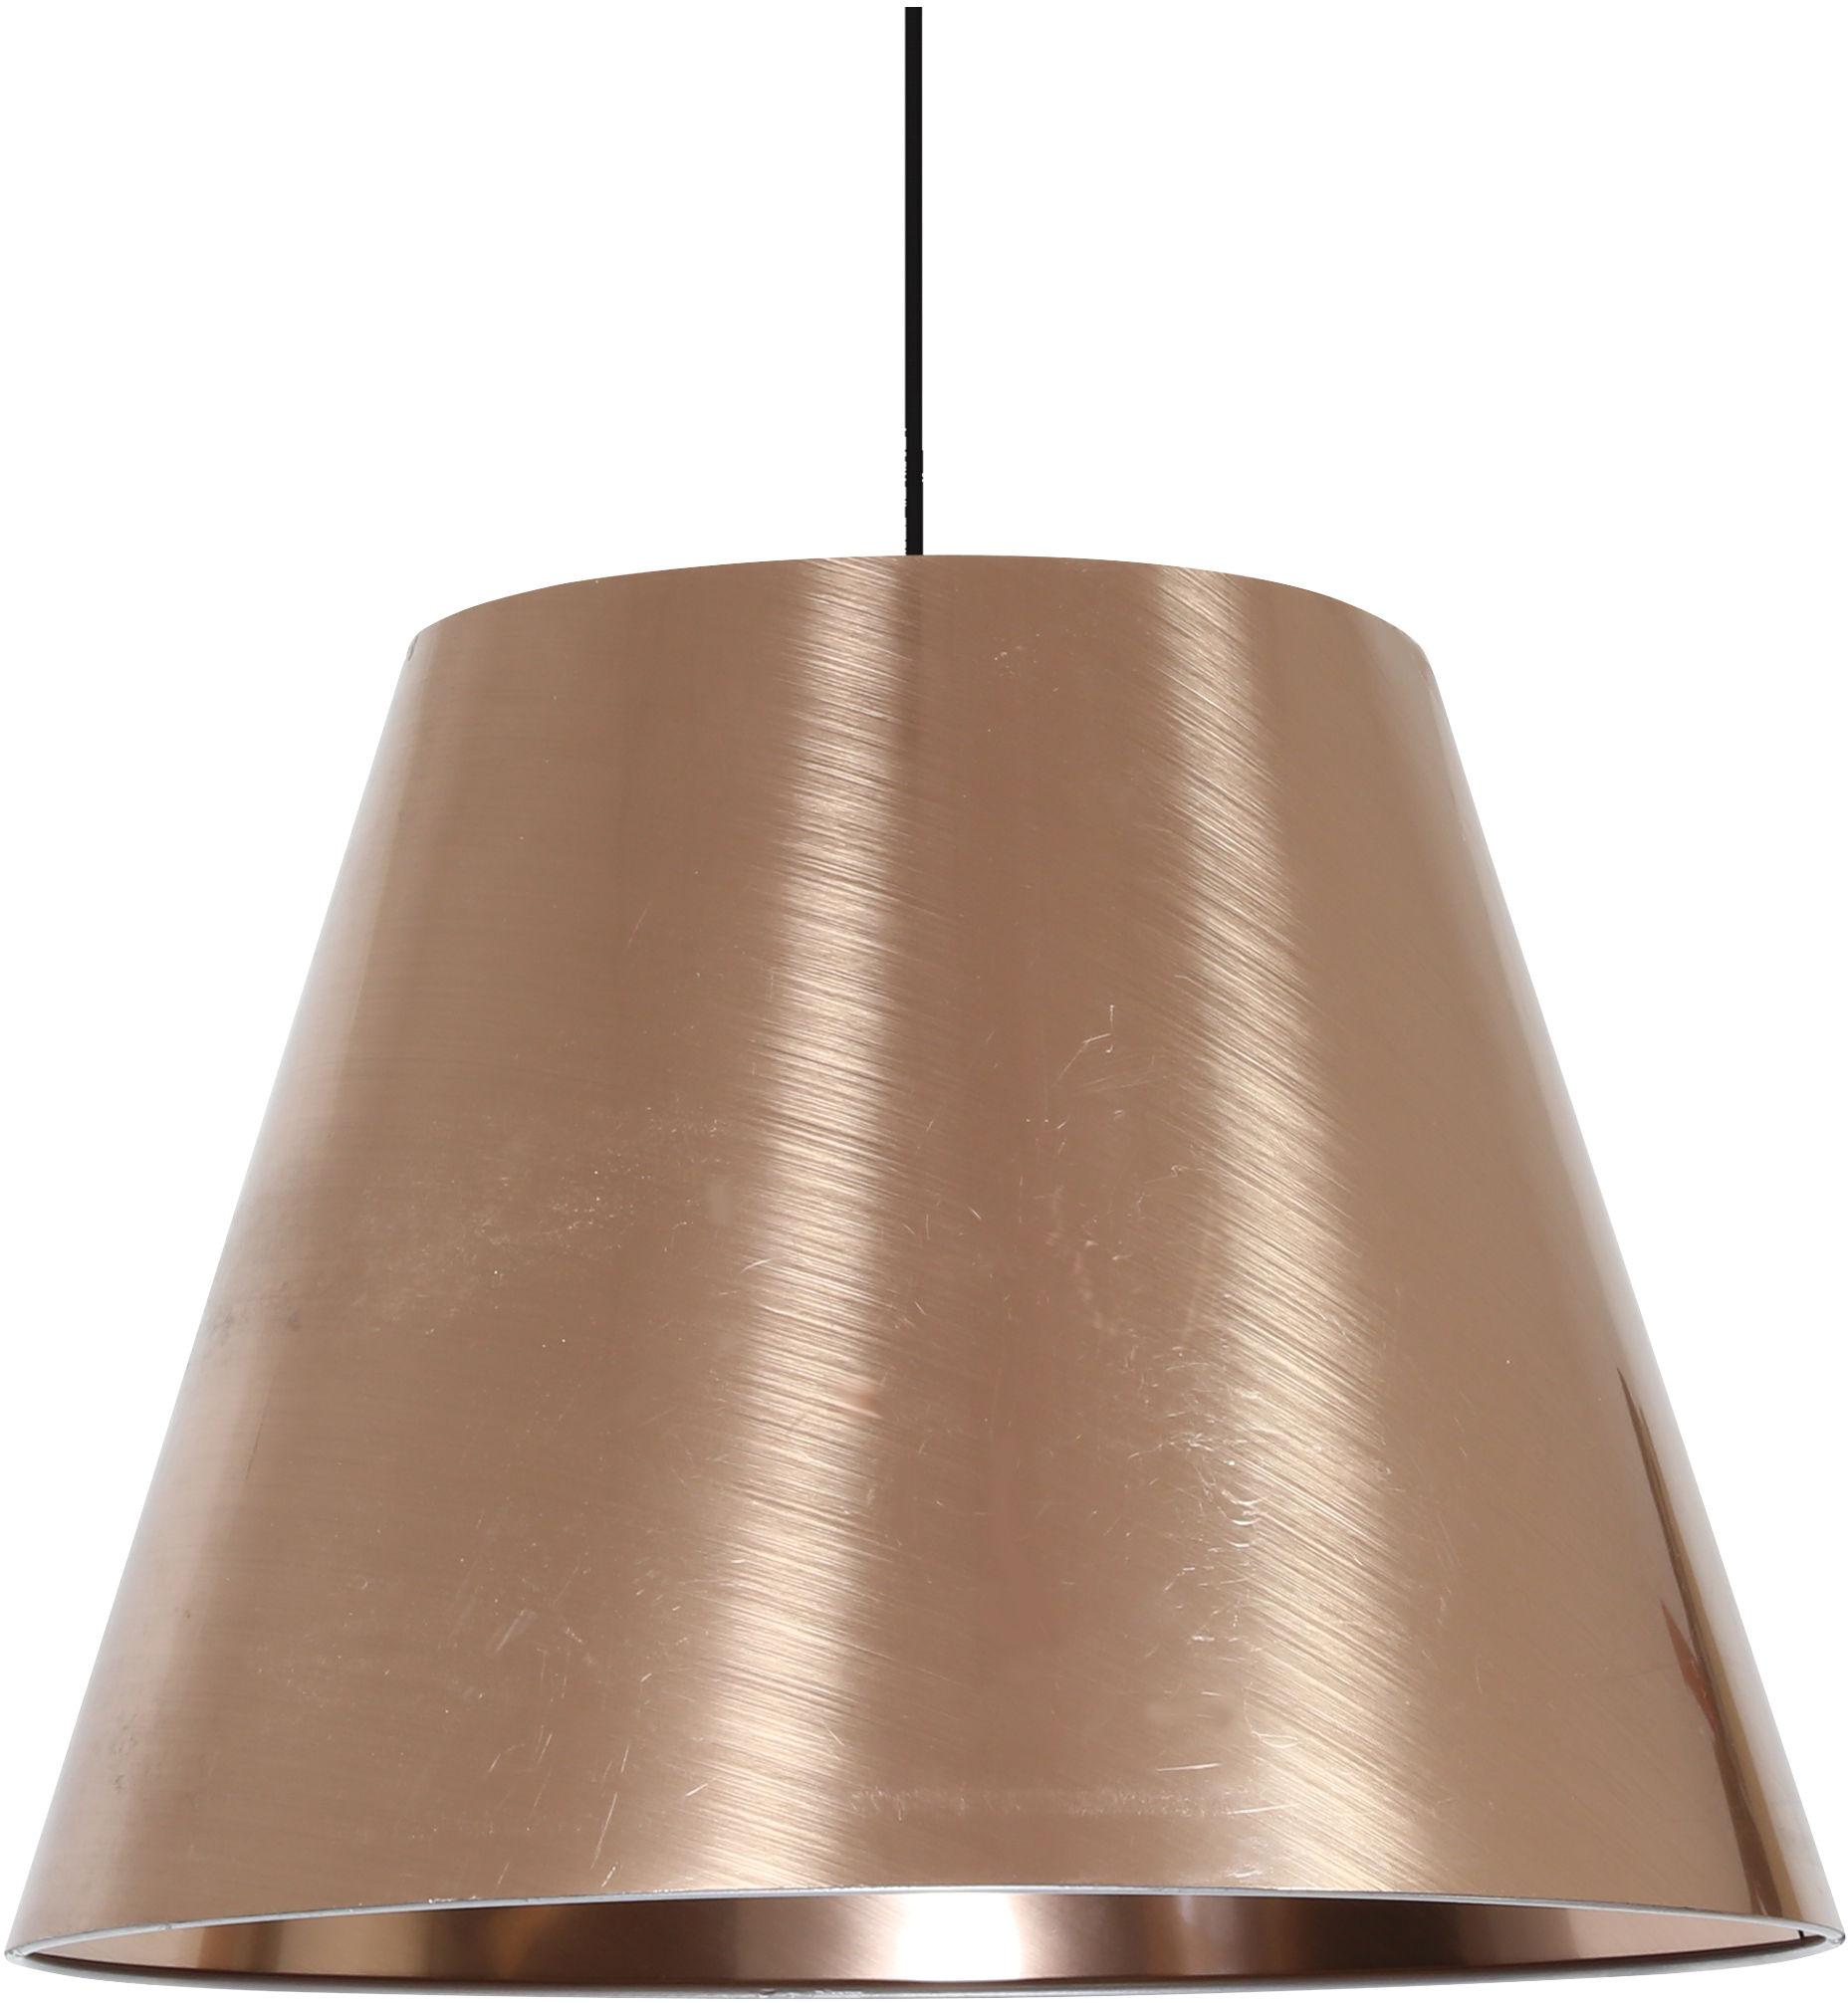 Candellux PLATINO 31-38302 lampa wisząca abażur 35 CM 1X60W E27 miedziany 35cm